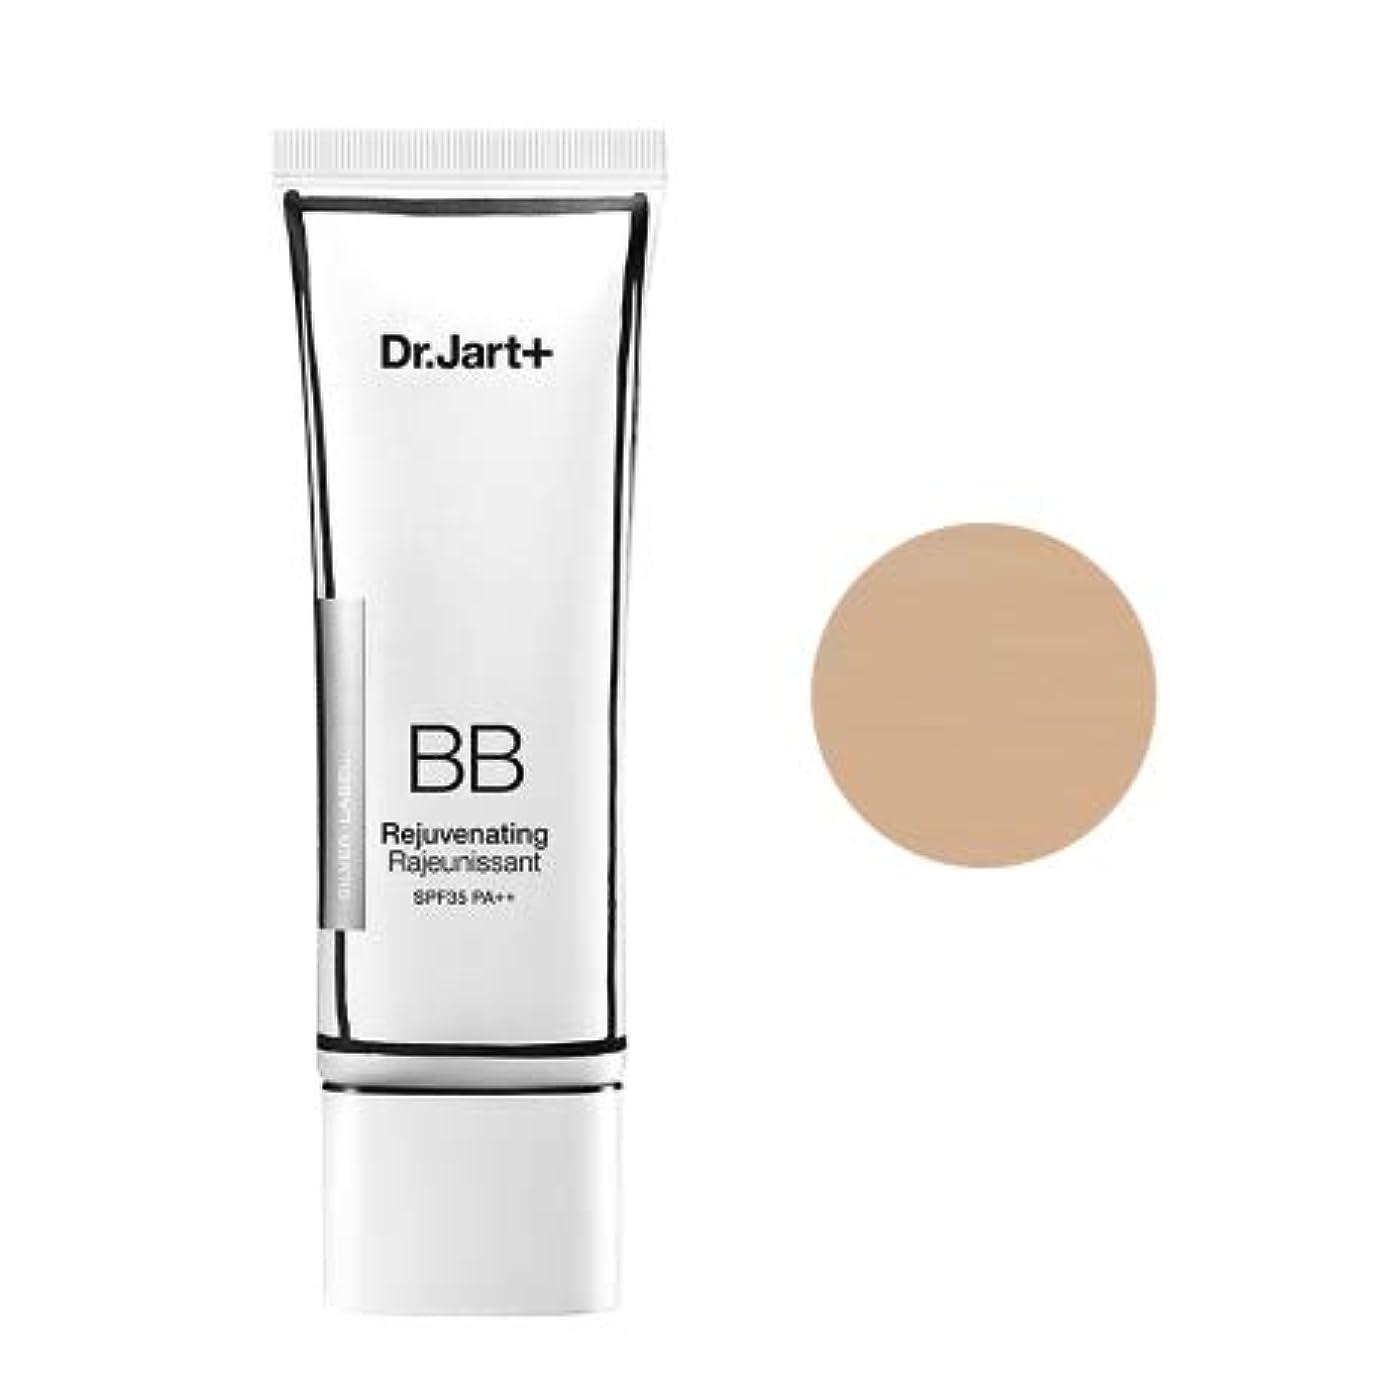 命令的矛盾するリーガン[Upgrade] Dr.Jart+Dermakeup Rejuvenating Beauty Balm SPF35 PA++ 50ml /ドクタージャルトゥザメーキャップリージュビネイティンビューティーバーム SPF35...